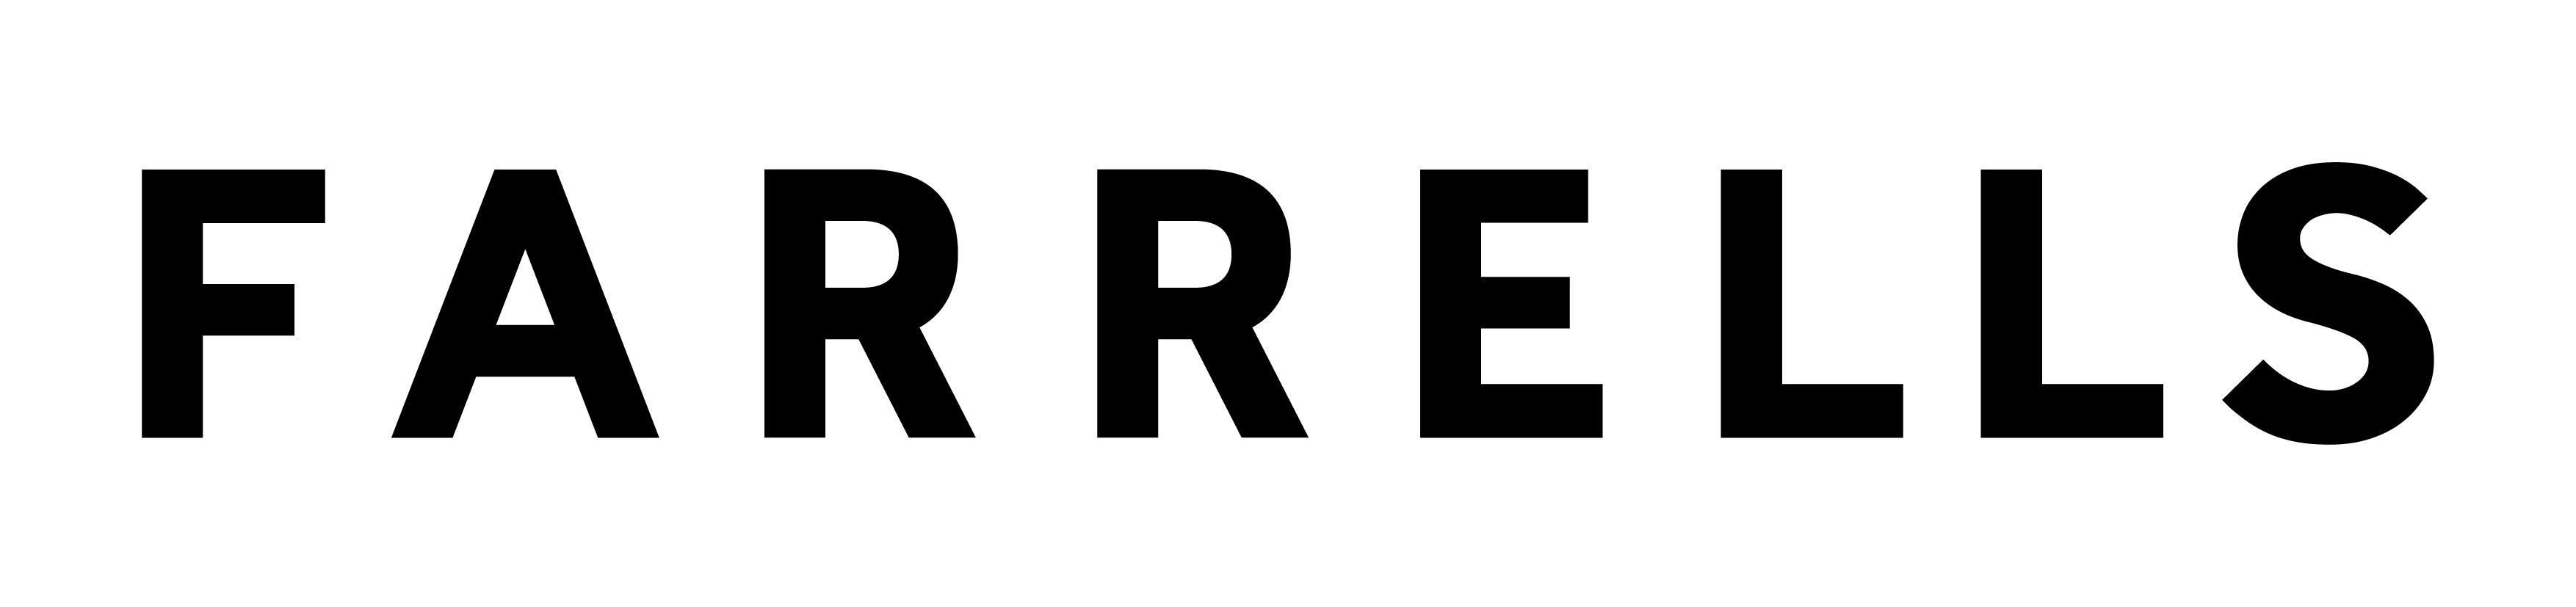 Farrells logo